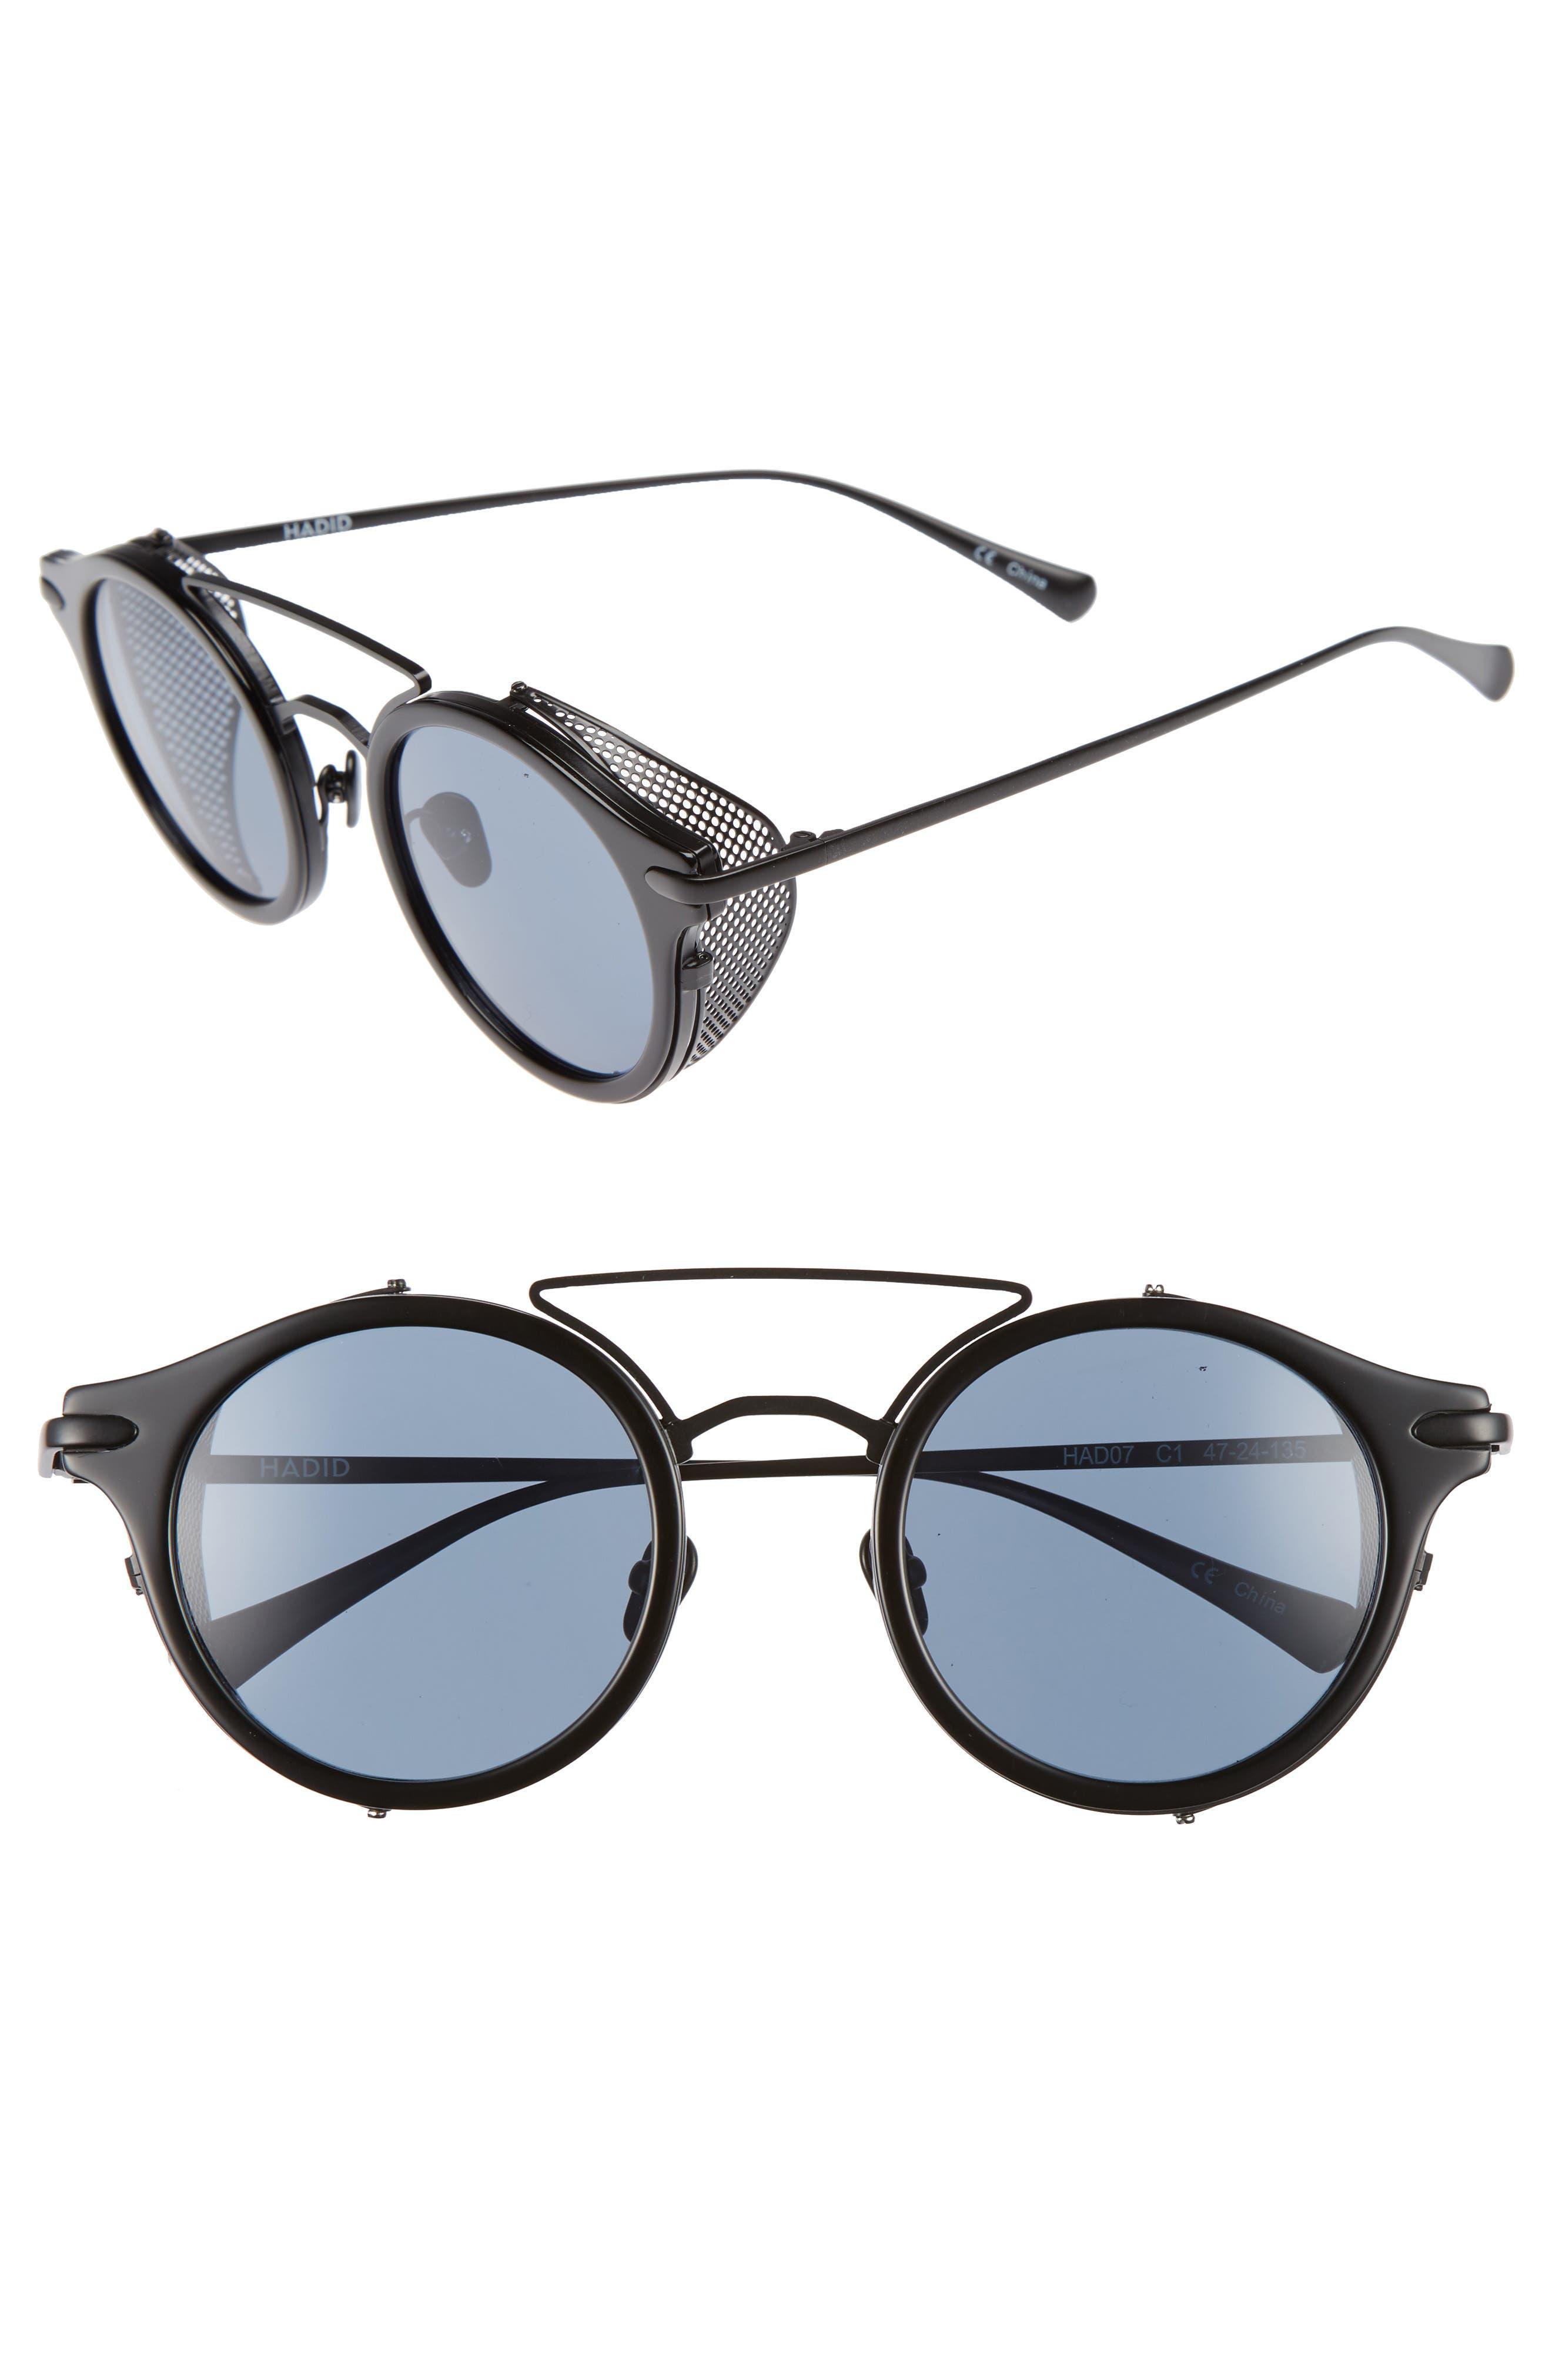 Alternate Image 1 Selected - Hadid Mile High 47mm Sunglasses